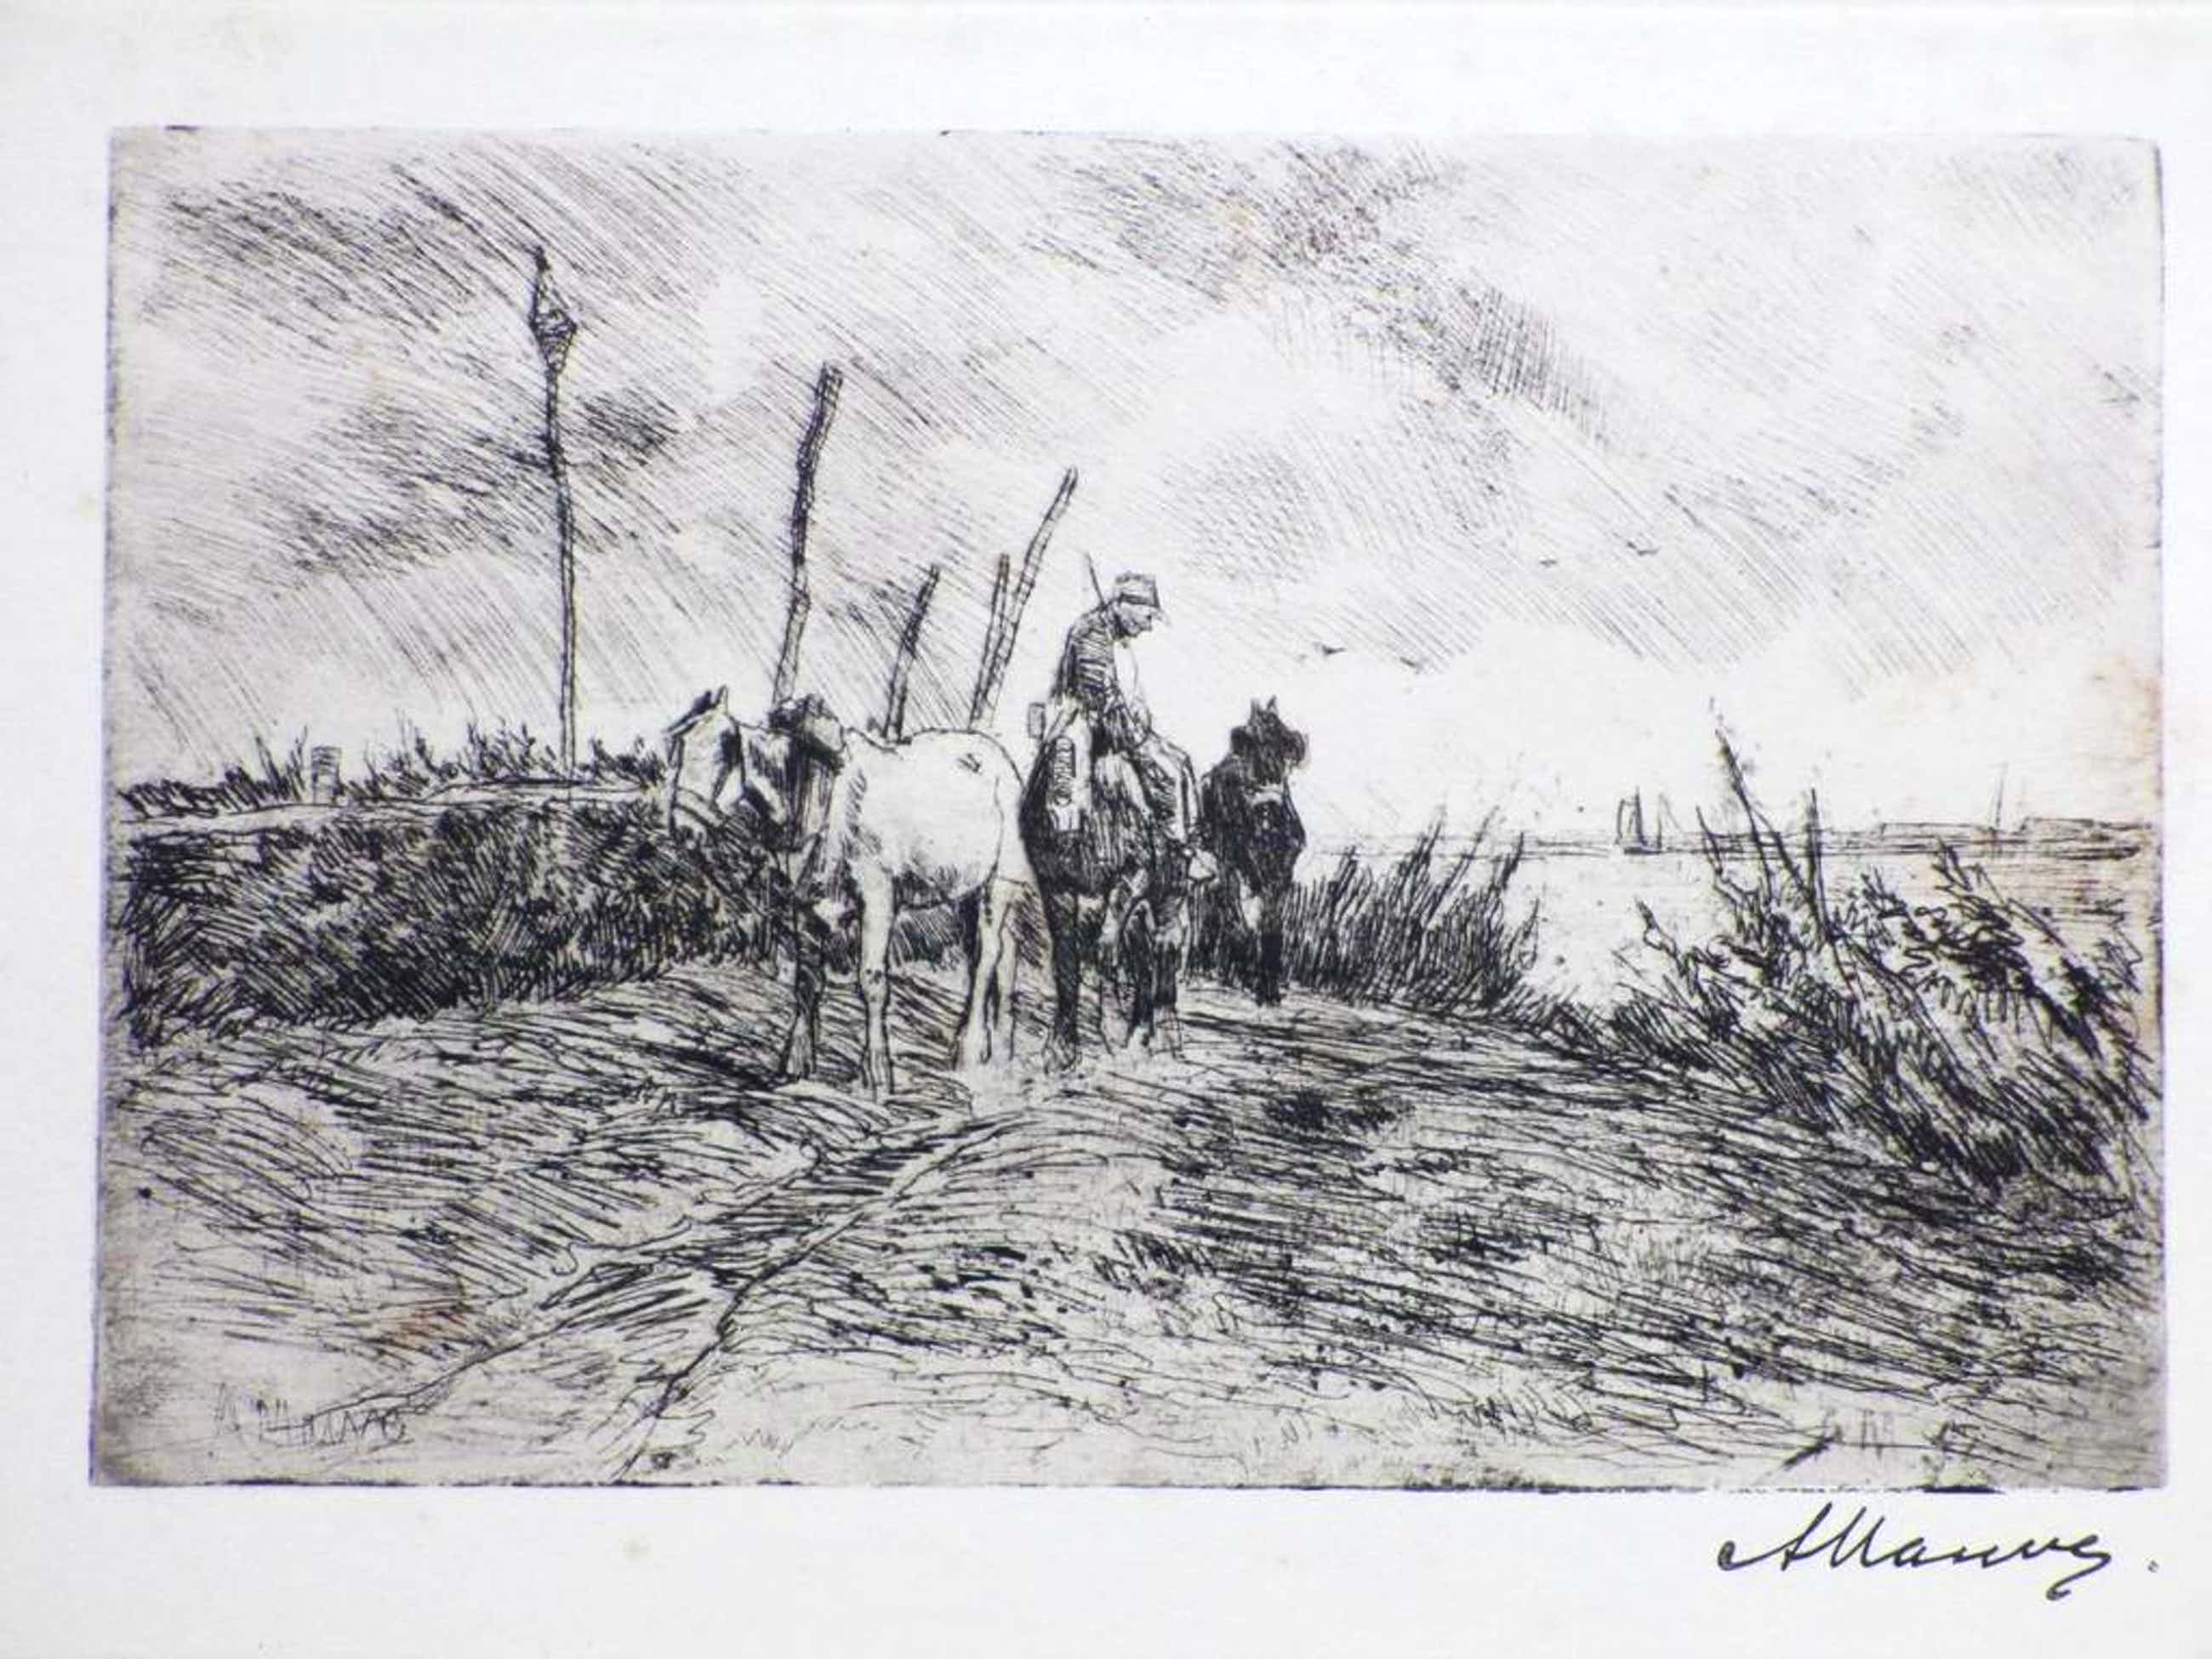 Anton Mauve, Schuitenjager met paarden, Ets kopen? Bied vanaf 45!